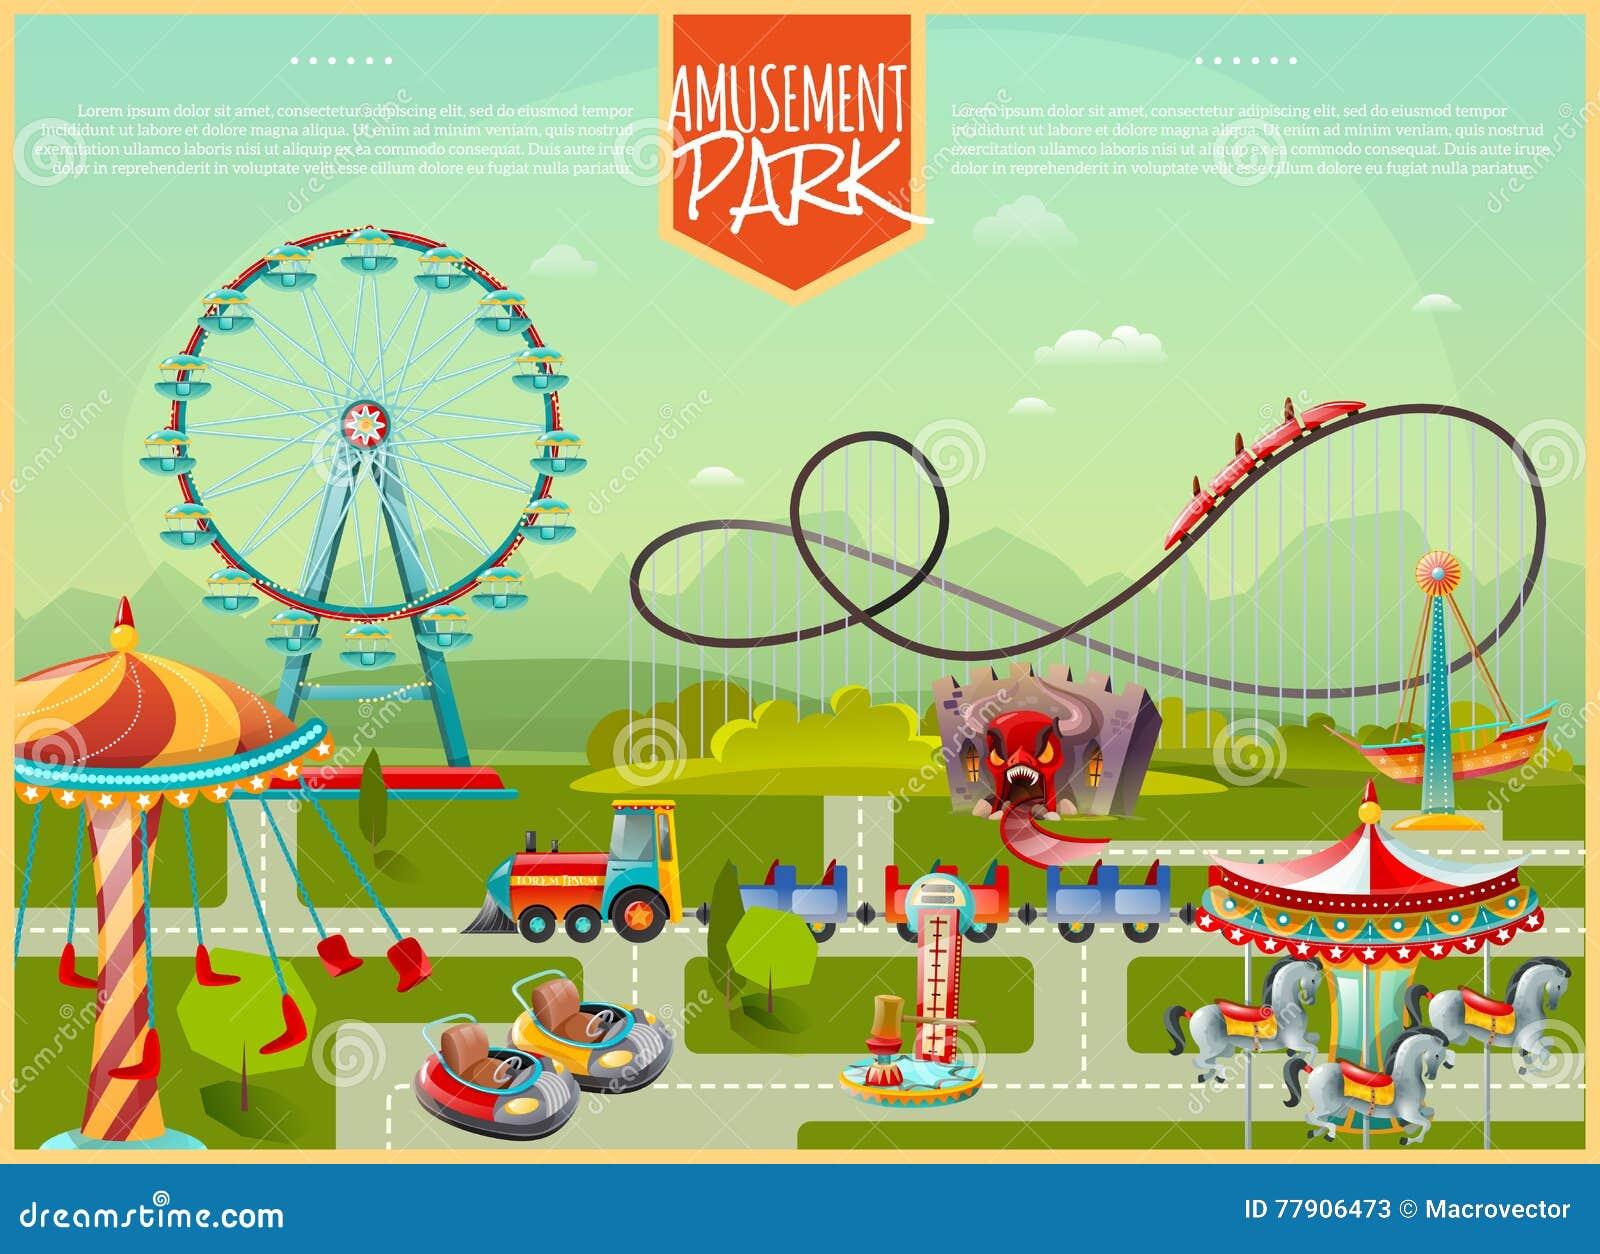 Amusement Park Vector Illustration